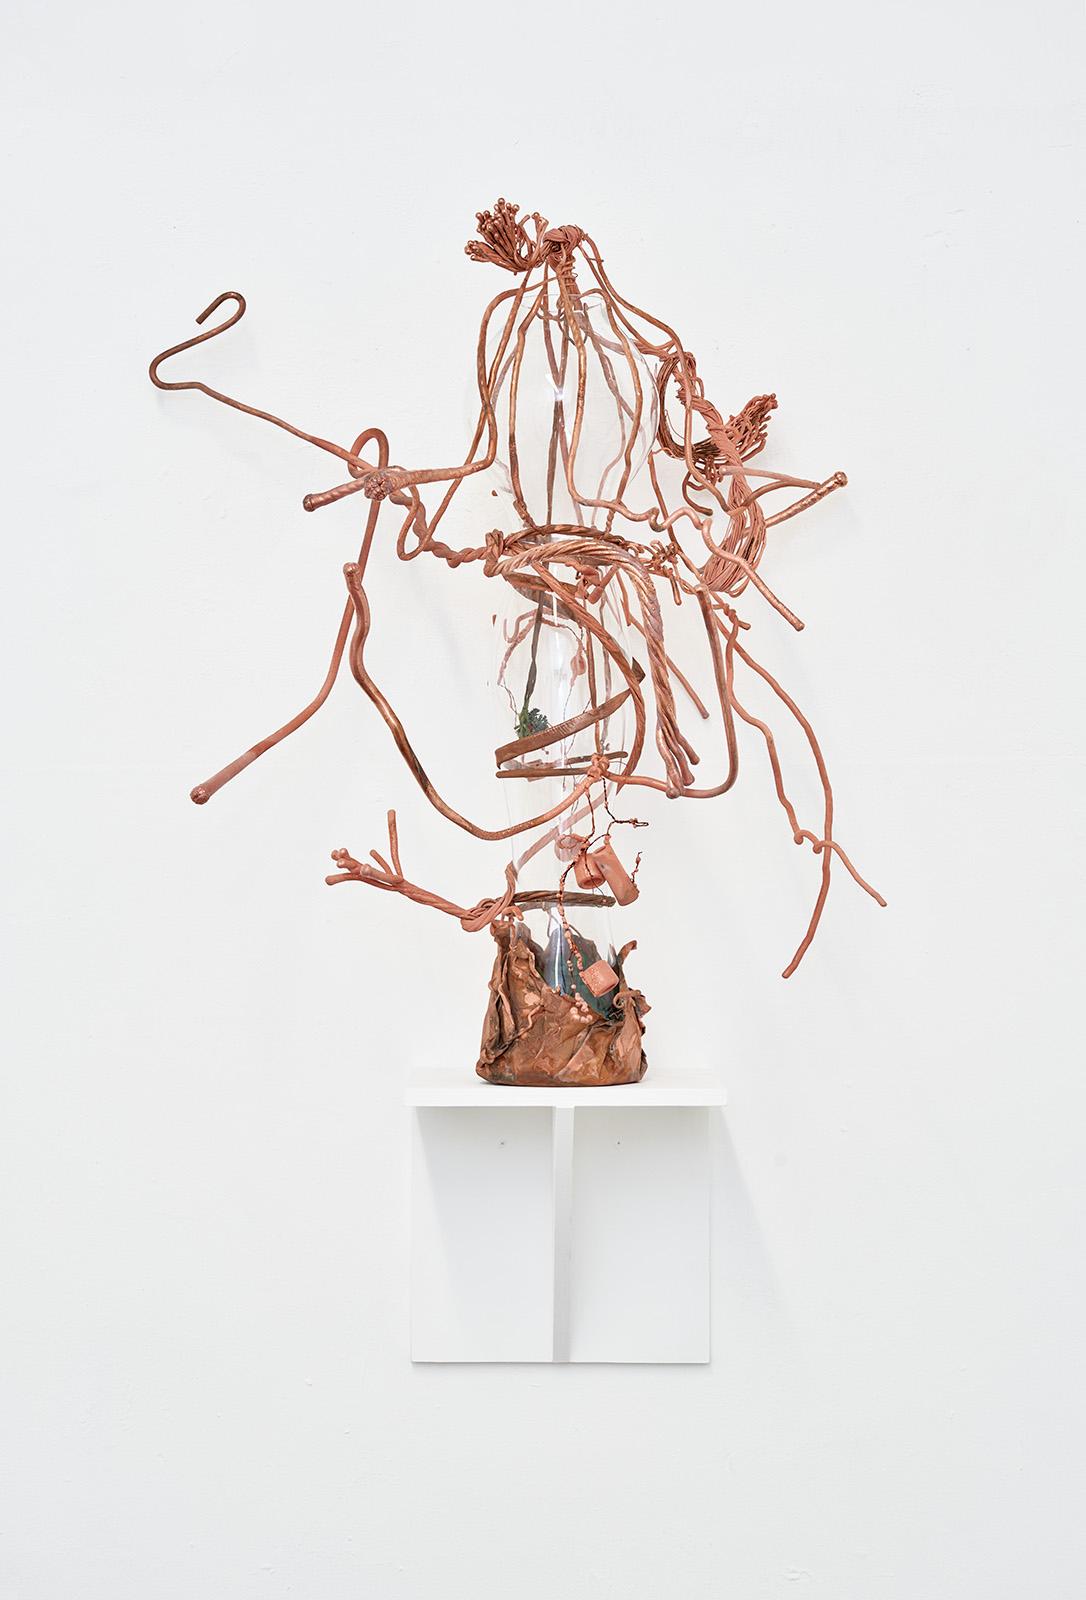 06-Vase-6-2021-Glas-Kupfer-100-x-70-x-45-cm